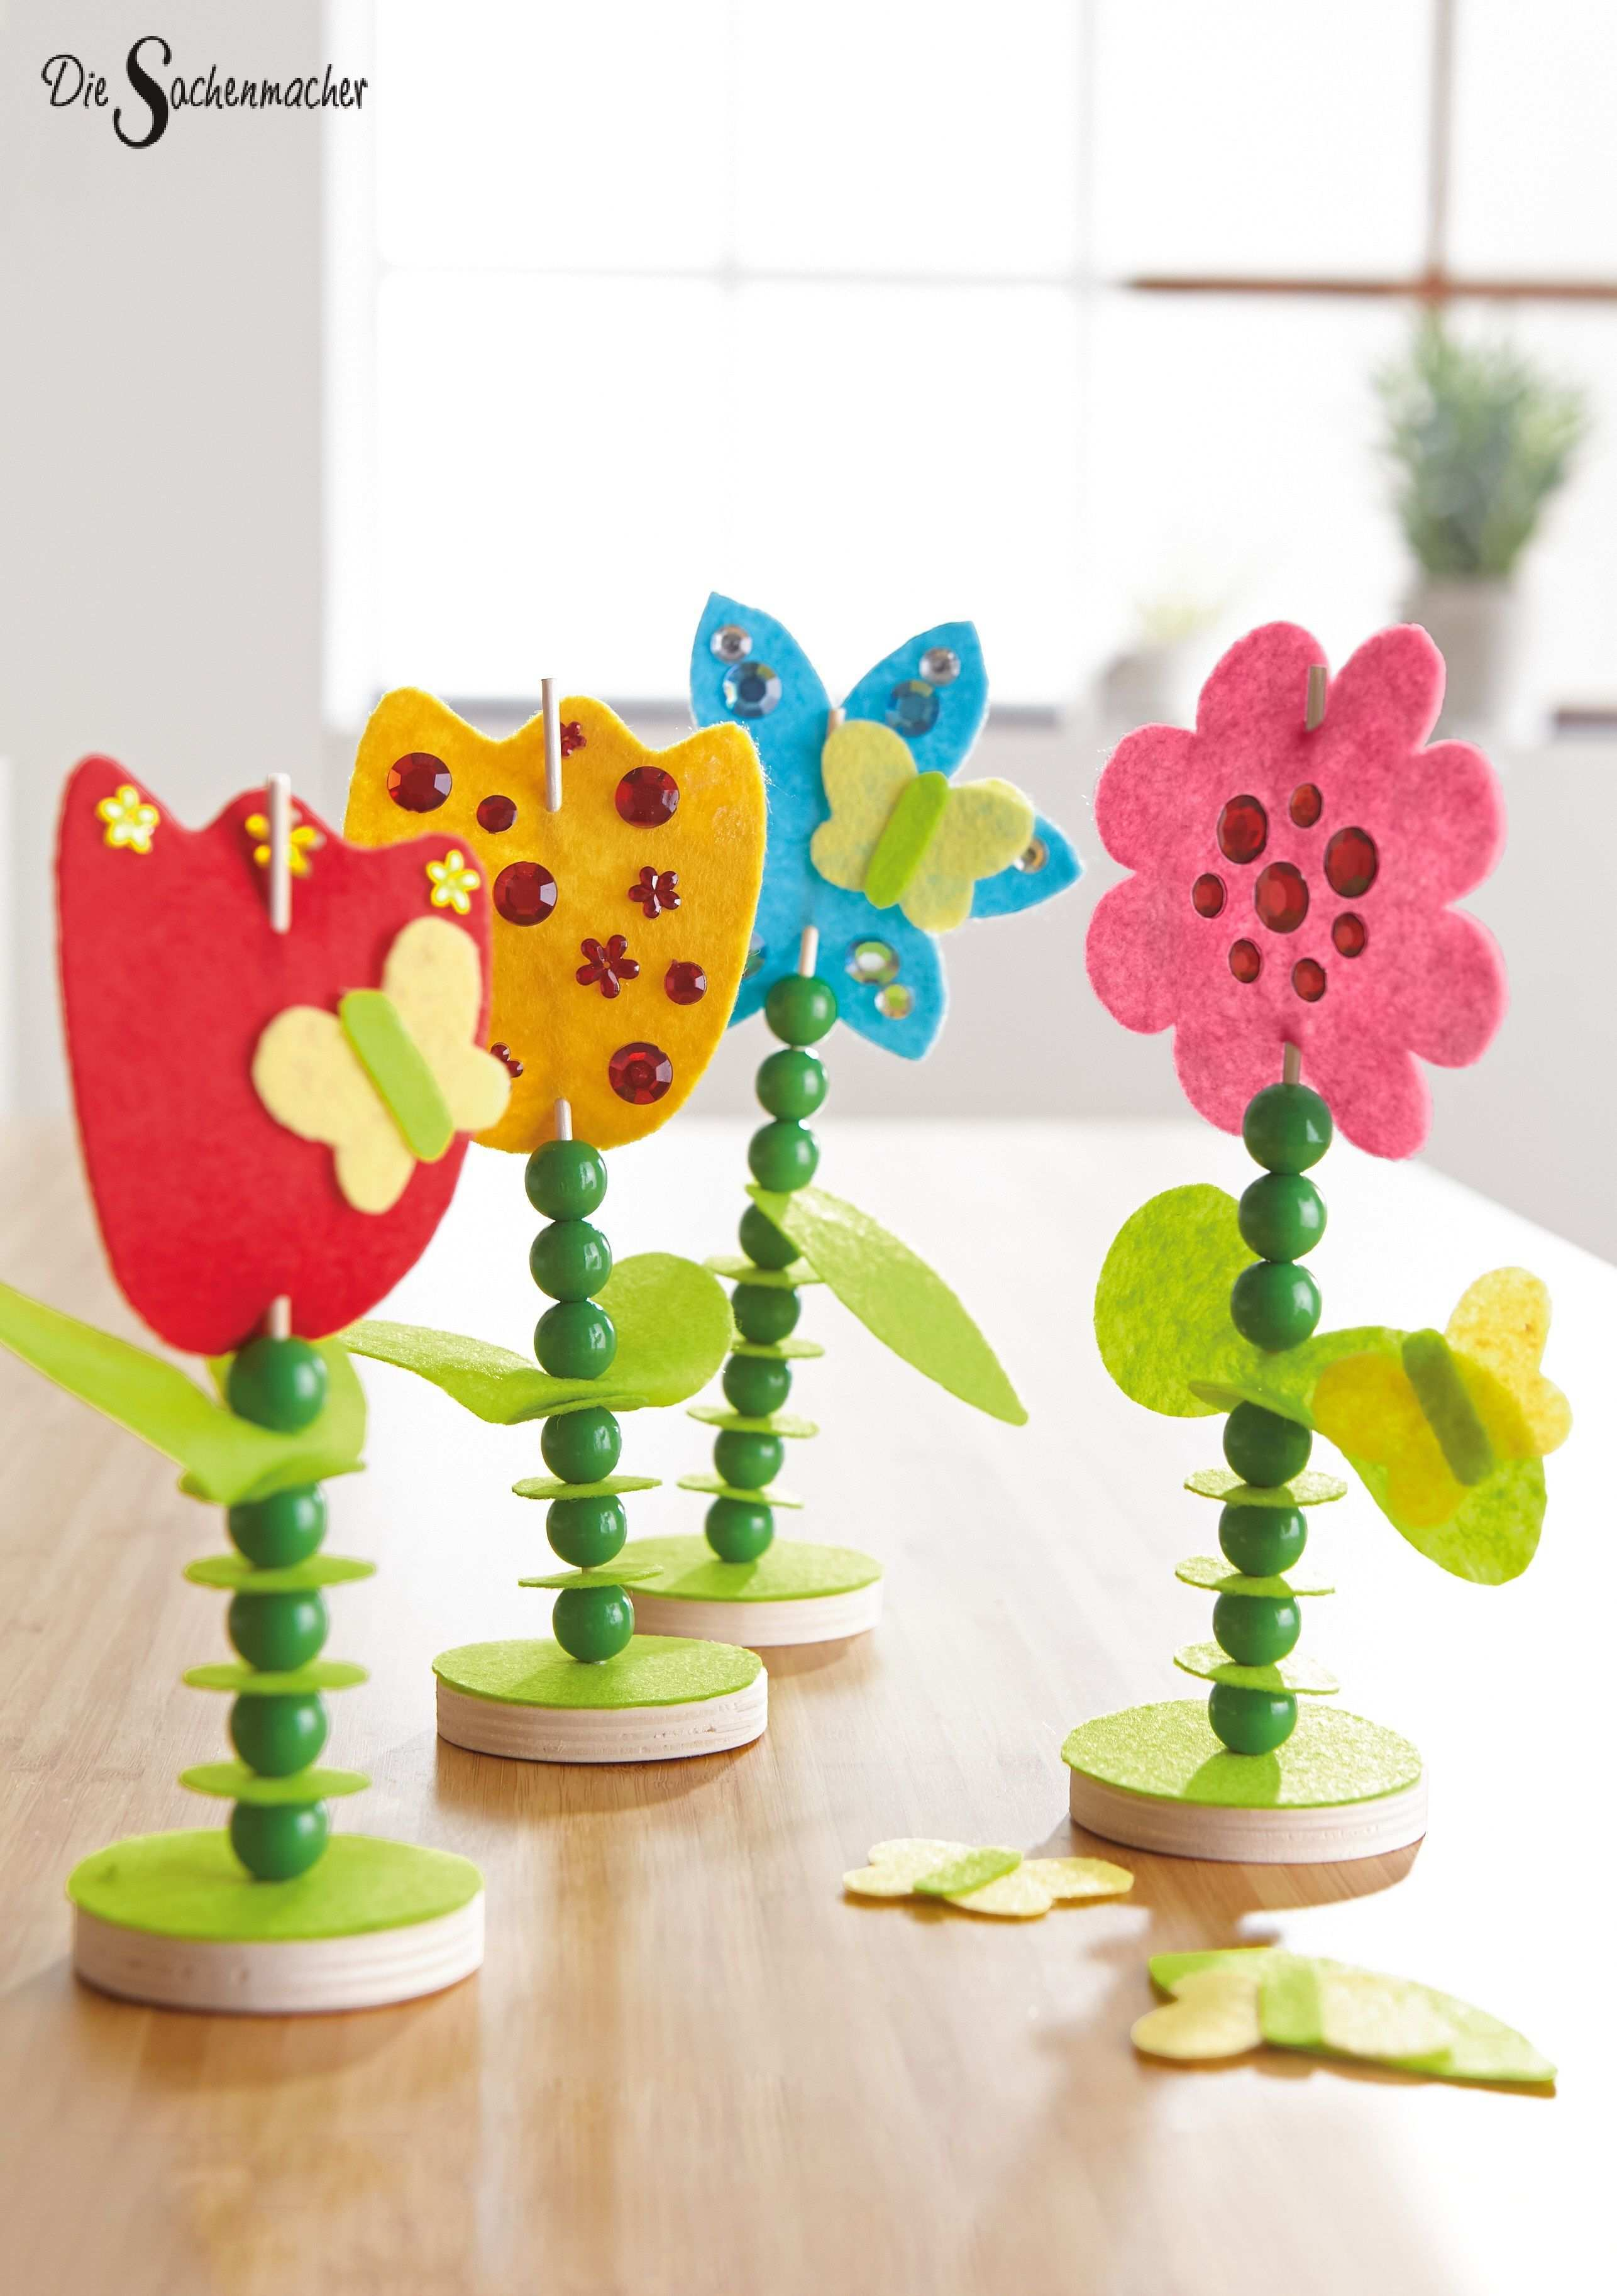 Filzstecker Blumen Zum Fadeln Und Verzieren Holz Basteln Bastelnmitkindern Diy Fruhling Somm Blumen Basteln Basteln Fruhling Kinder Basteln Fruhling